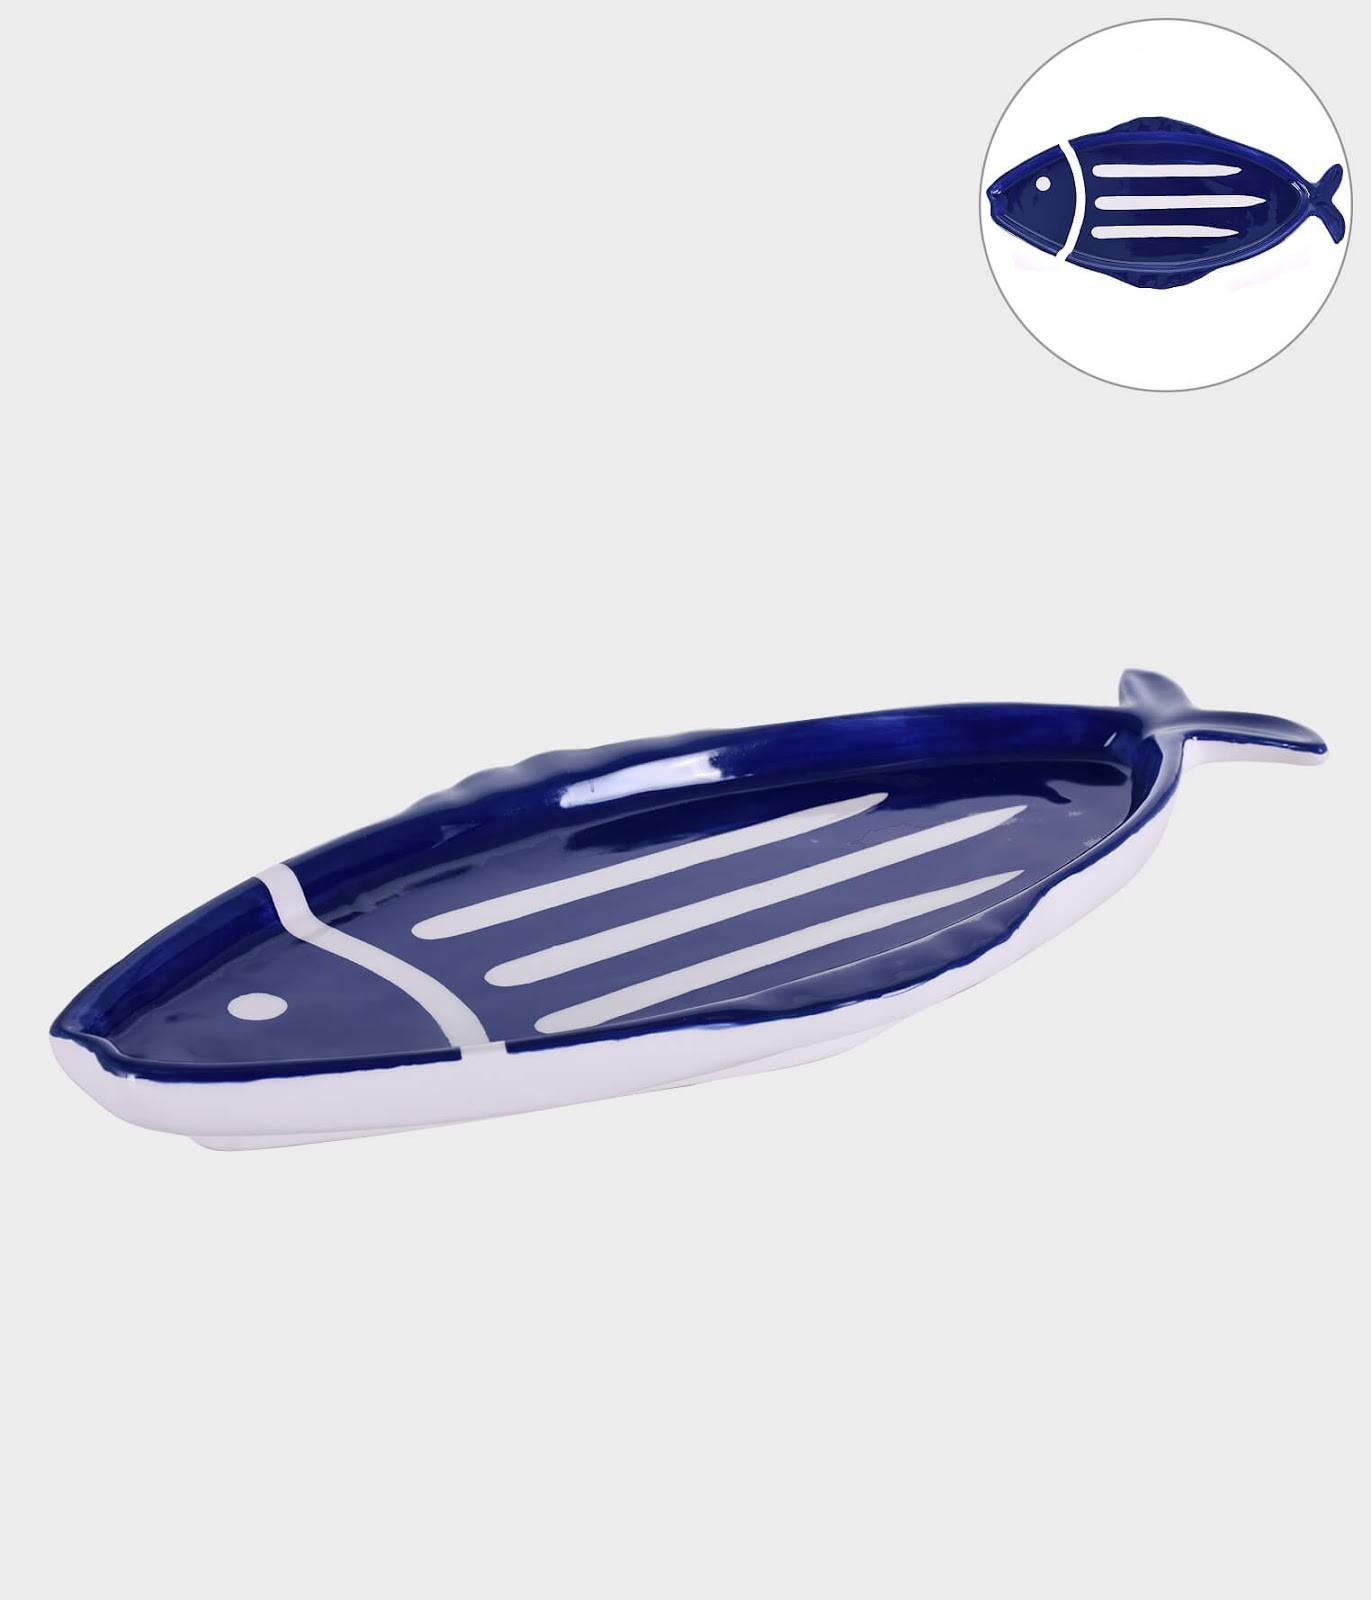 Petisqueira Peixe - Azul